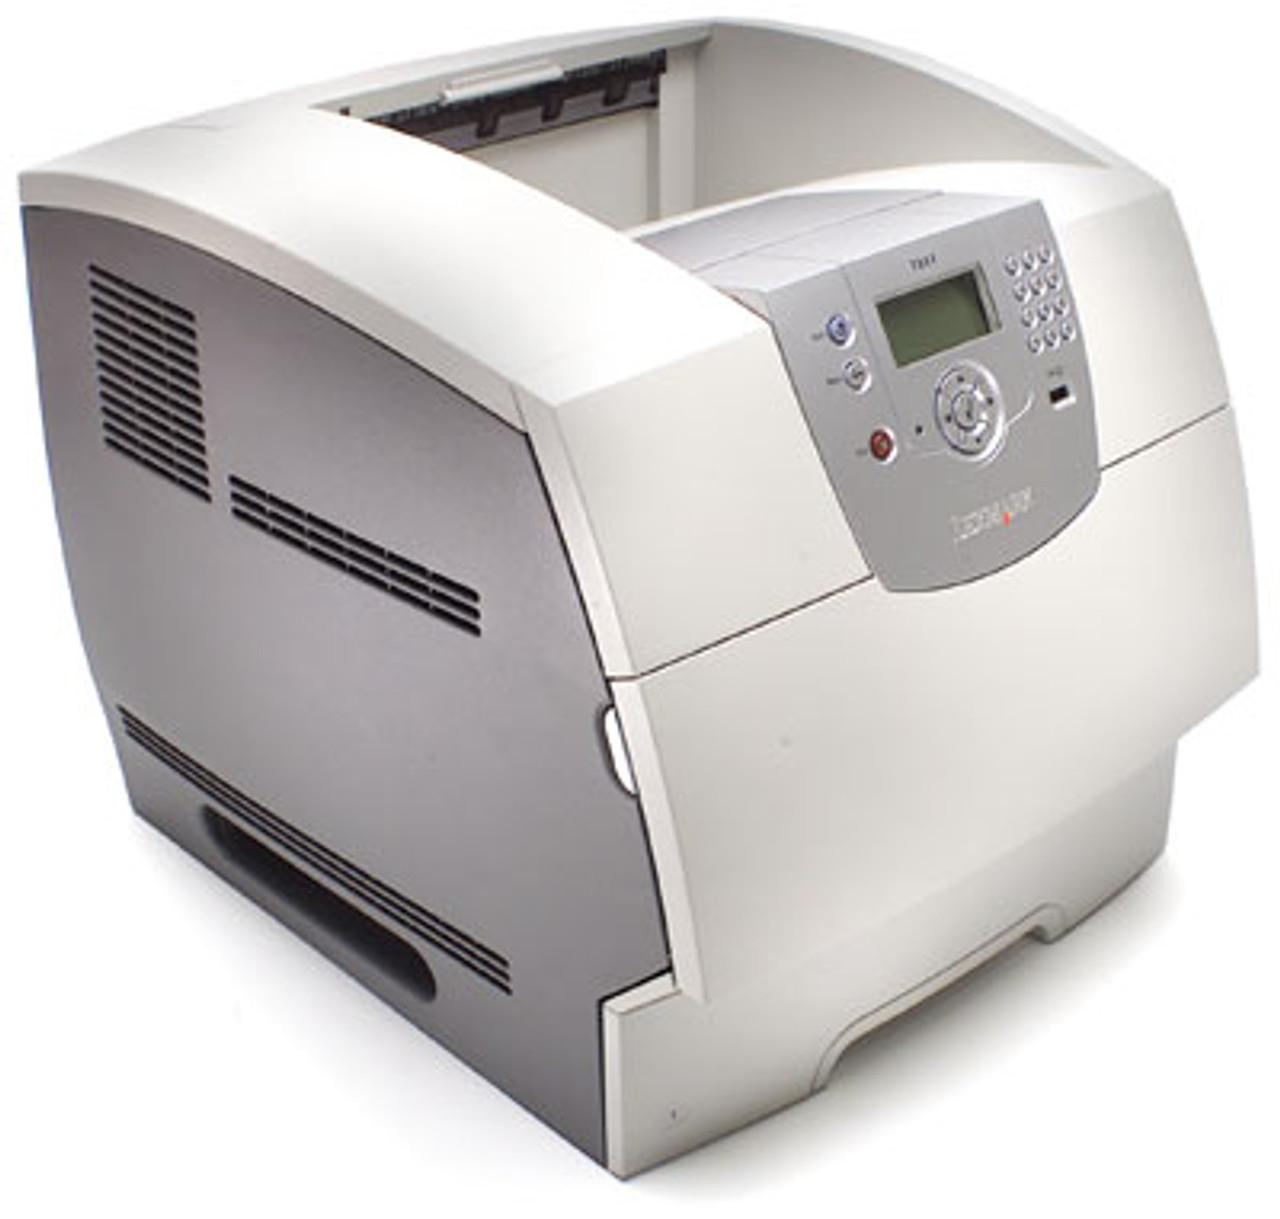 Lexmark T642 - 20G0200 - Lexmark Laser Printer for sale